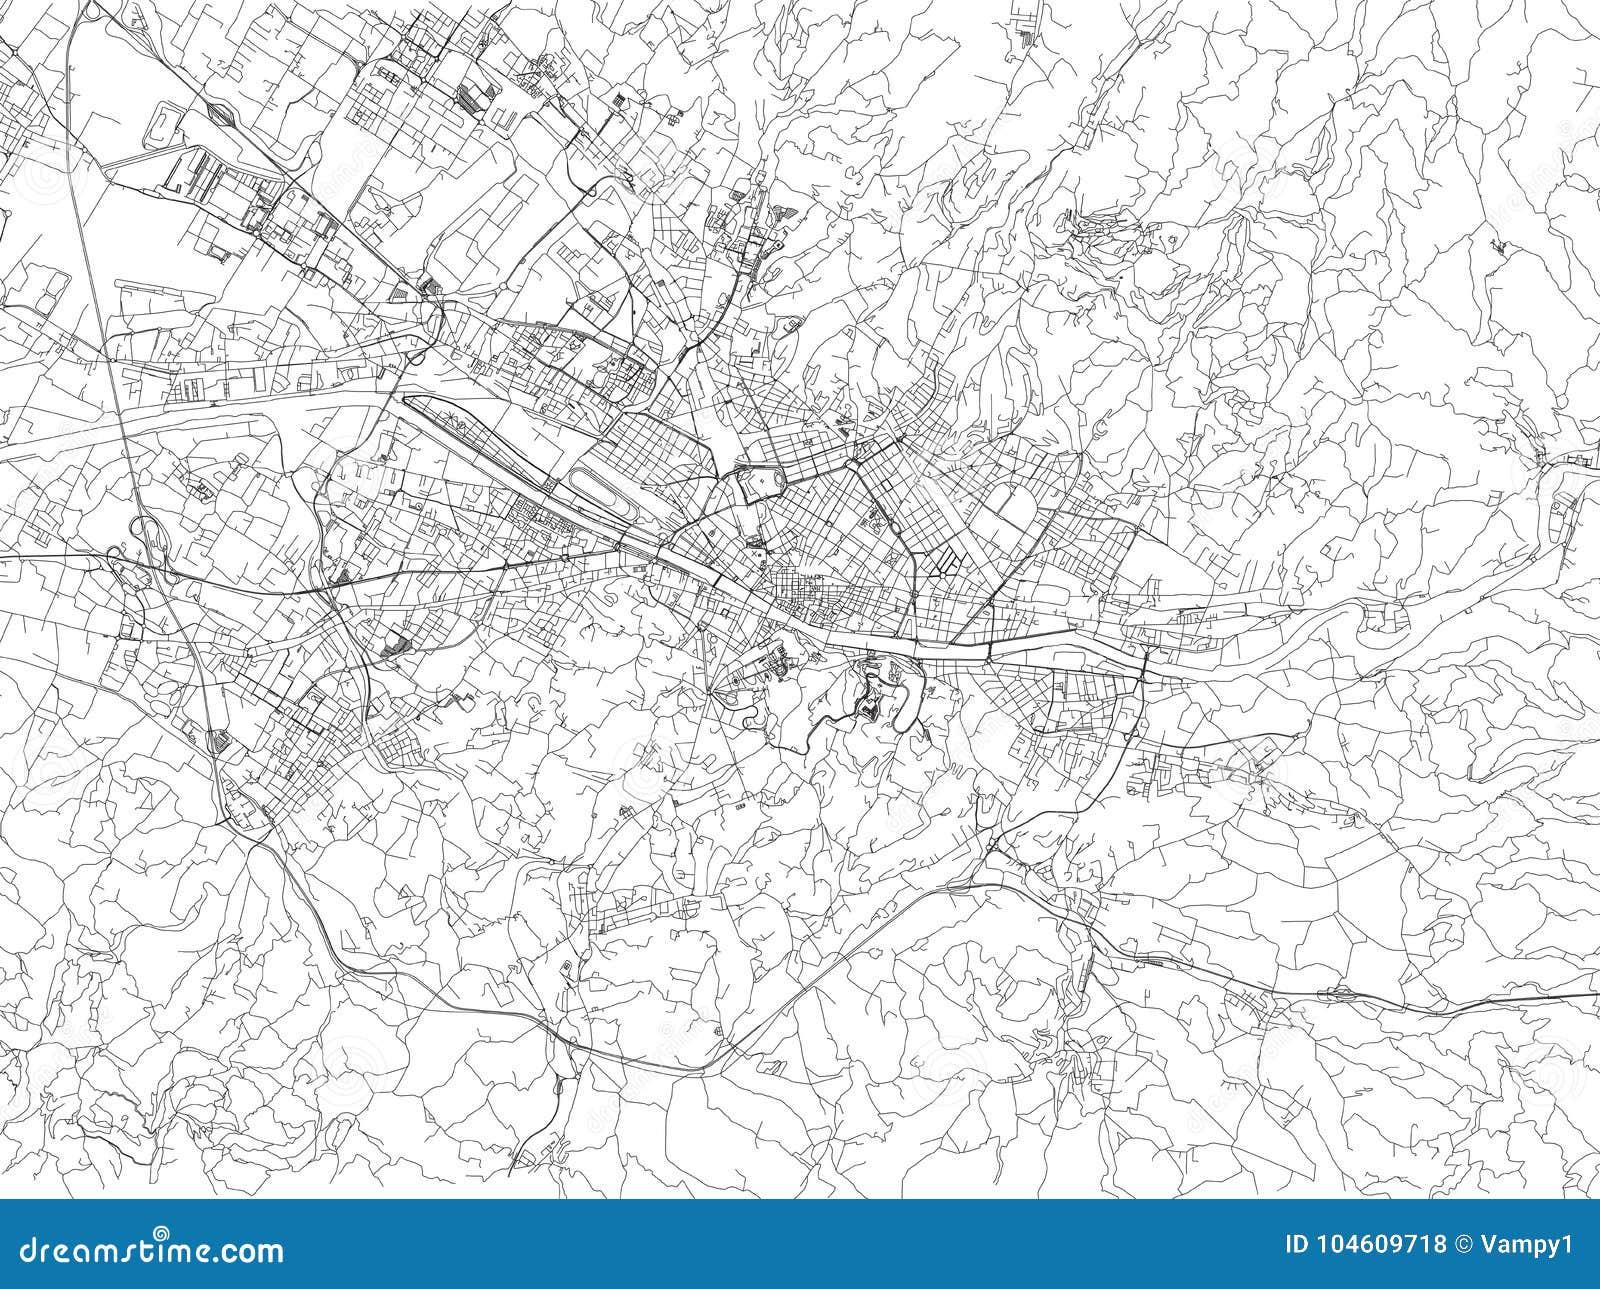 Cartina Di Firenze Con Tutte Le Vie.Vie Di Firenze Mappa Della Citta Toscana Italia